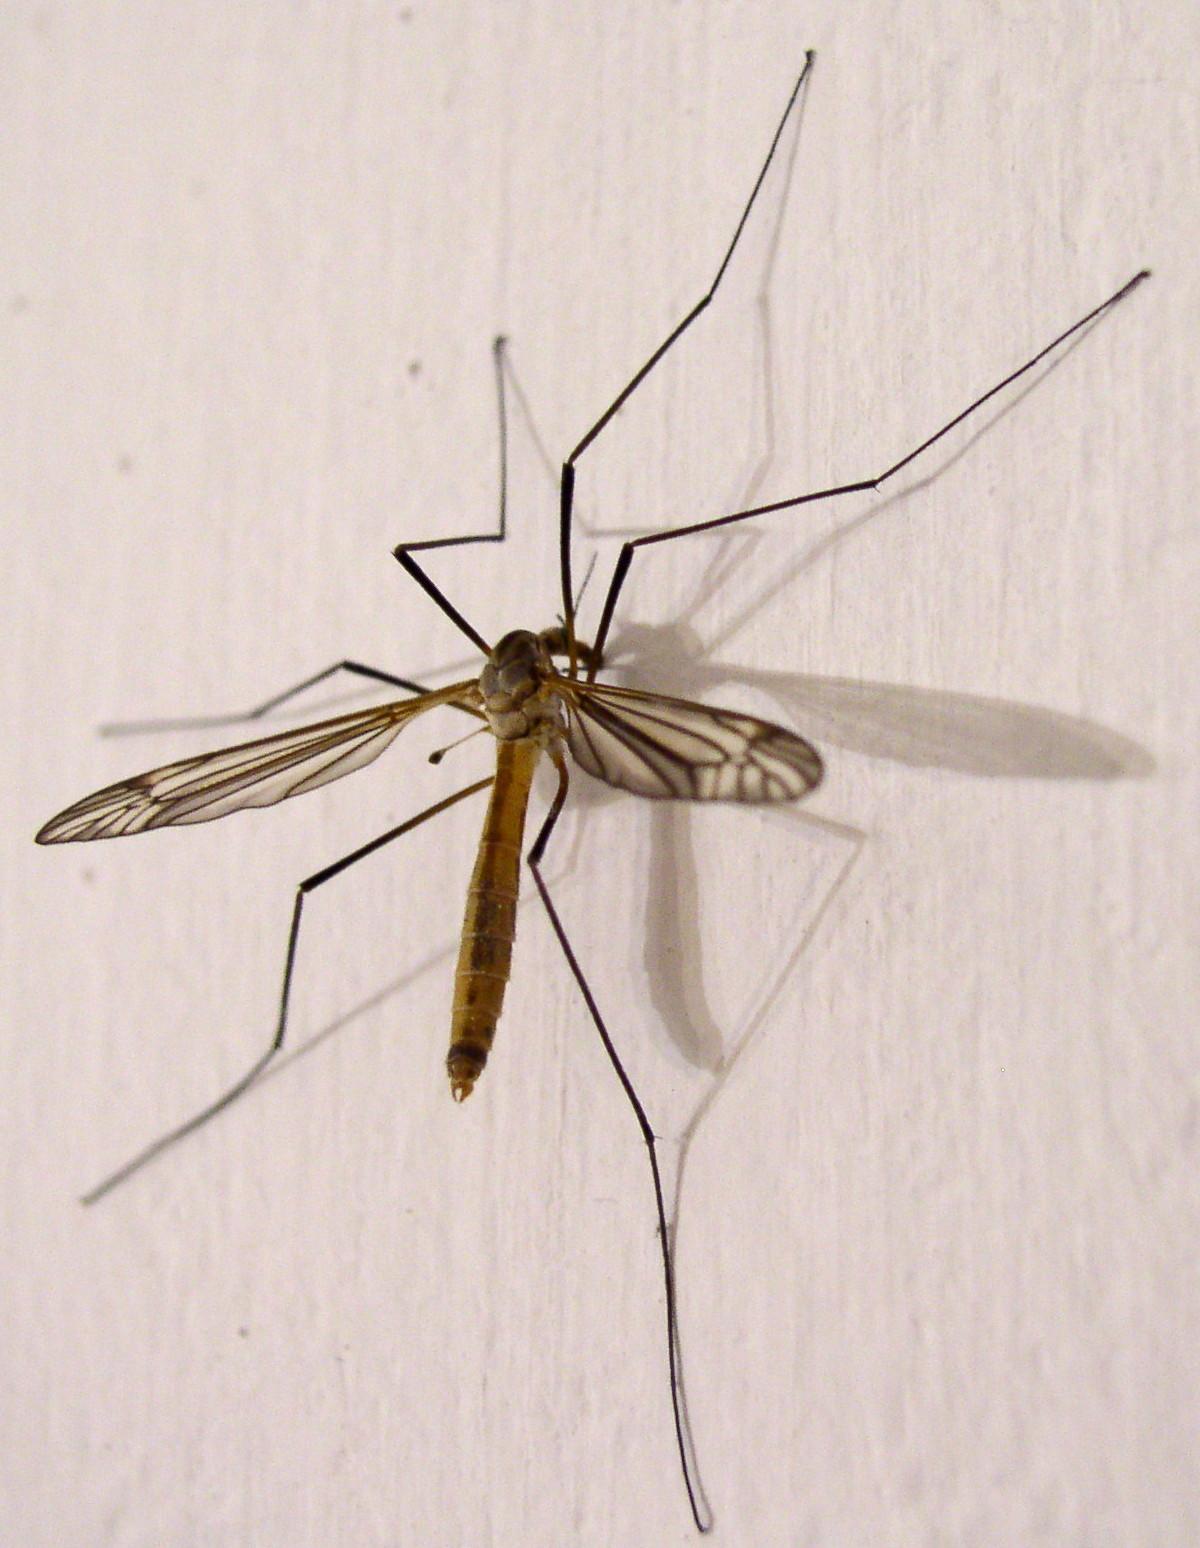 Ho visto un insetto simile ad una zanzara ma grande dieci for Larve zanzare